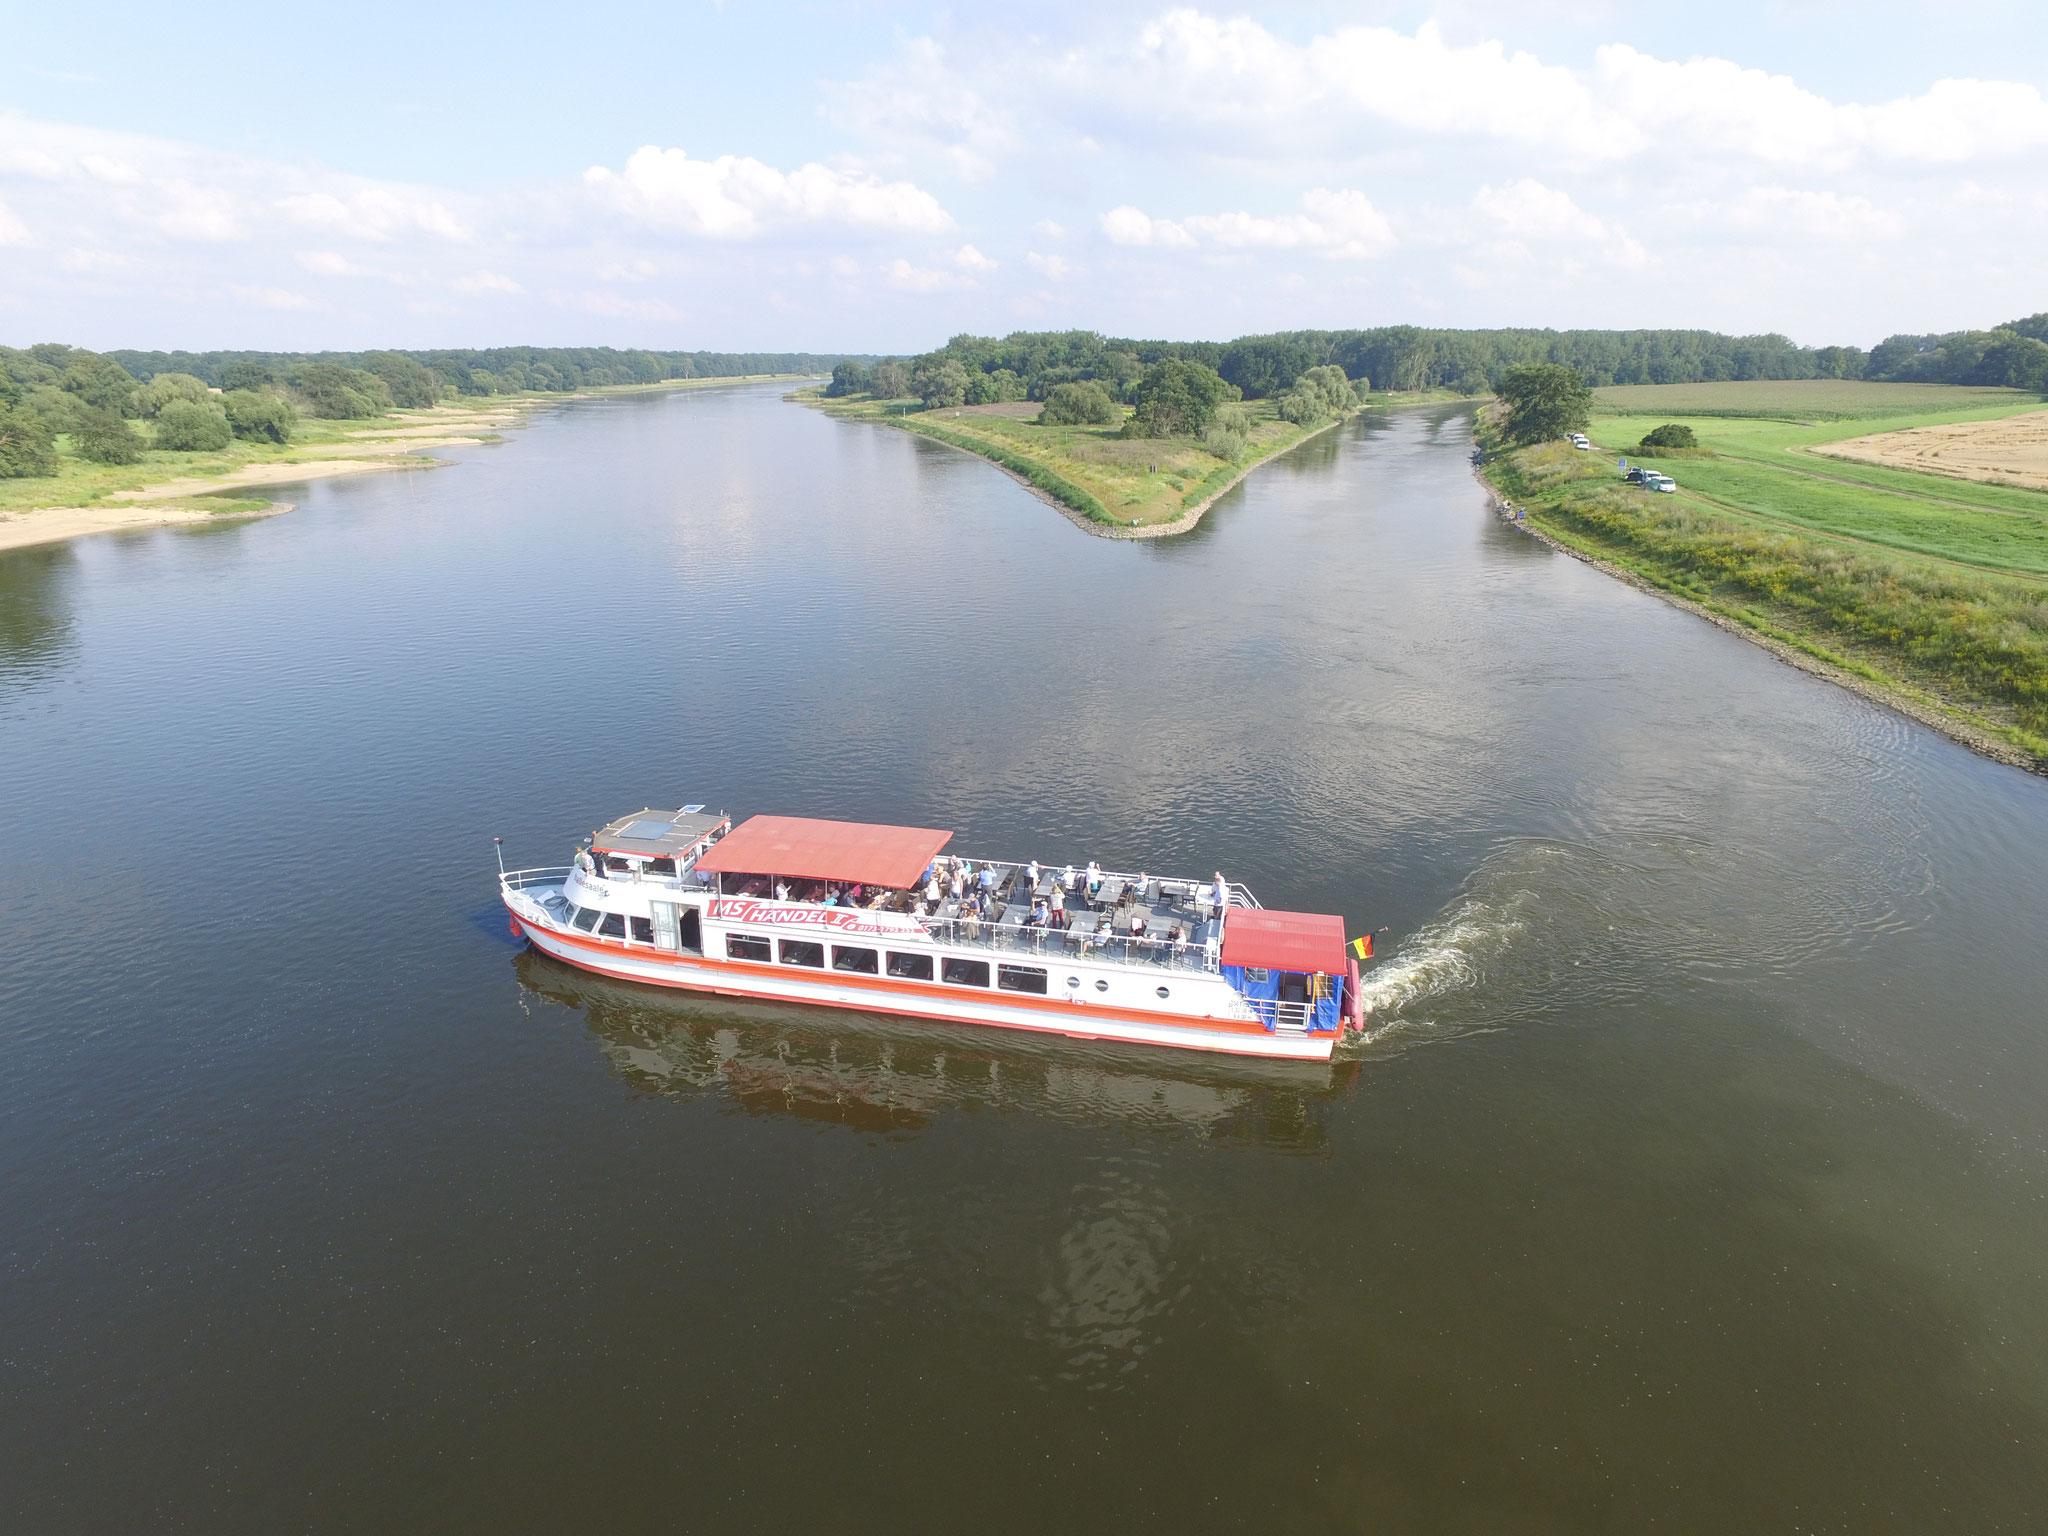 MS Händel II am Saalhorn, Mündung der Saale in die Elbe